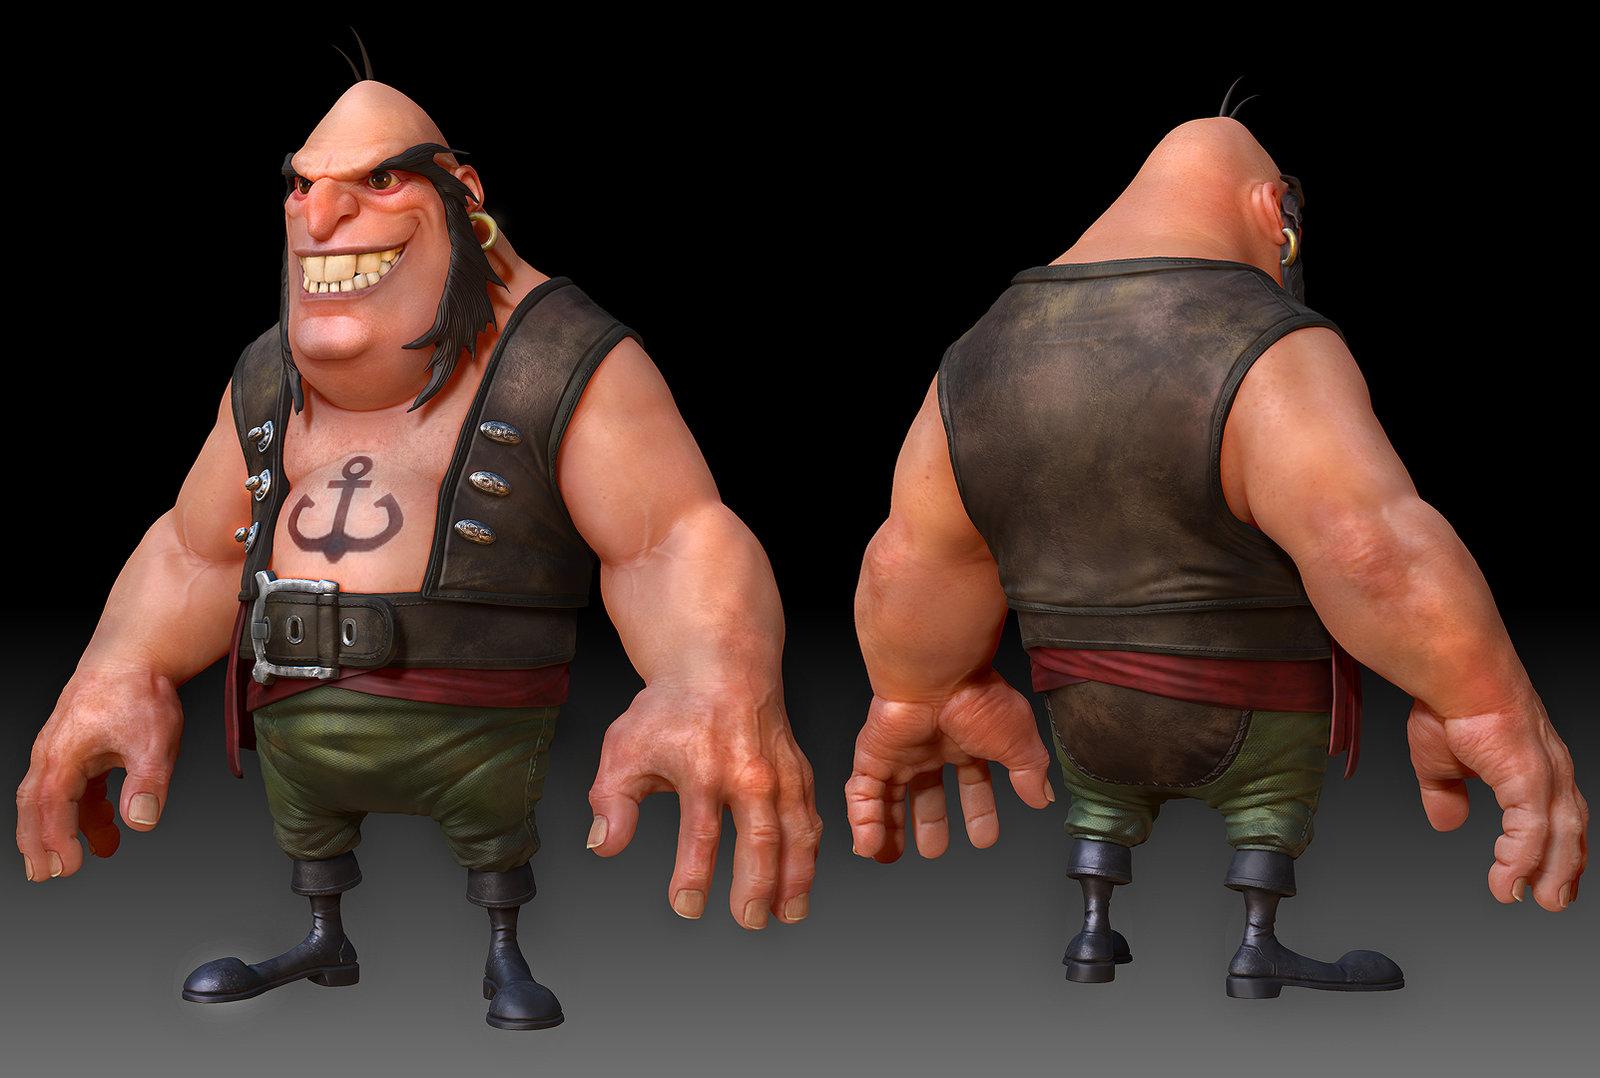 ZBrush render of Black Jack